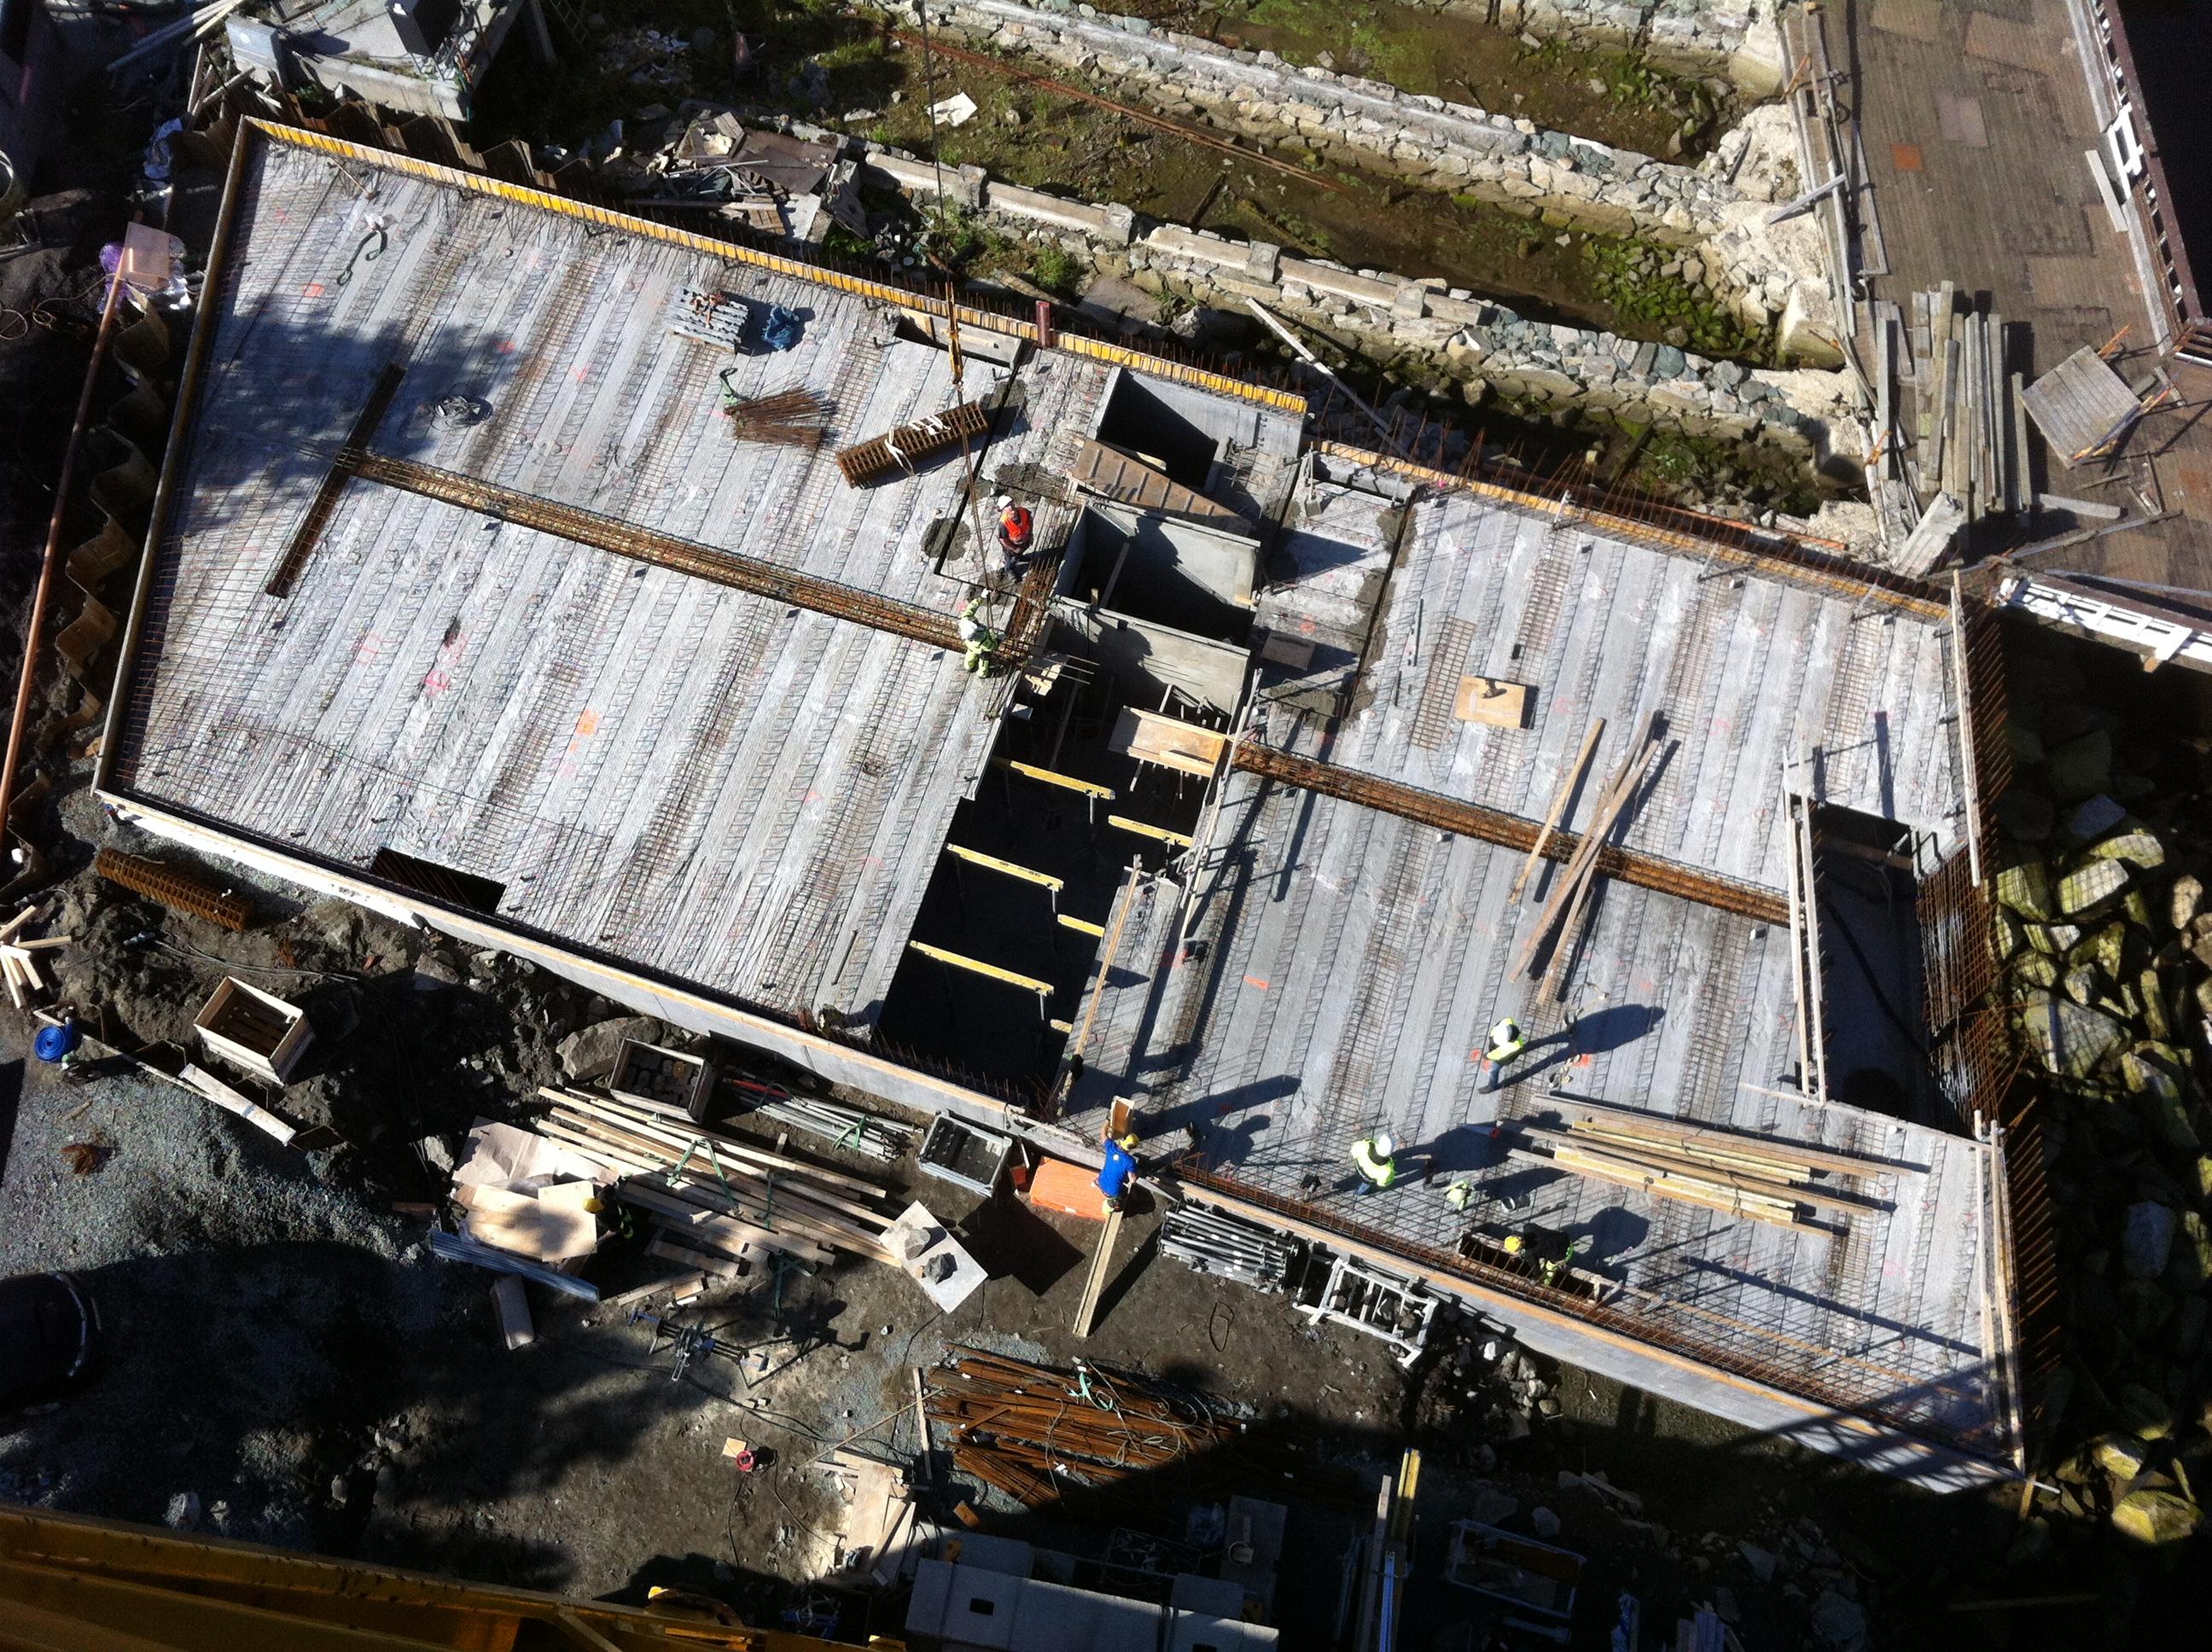 arkitektur_trondheim_fjordgata_78_gjenoppbygging_byggeprosess_byggeplass_leiligheter_naeringslokaler_fugleperspektiv